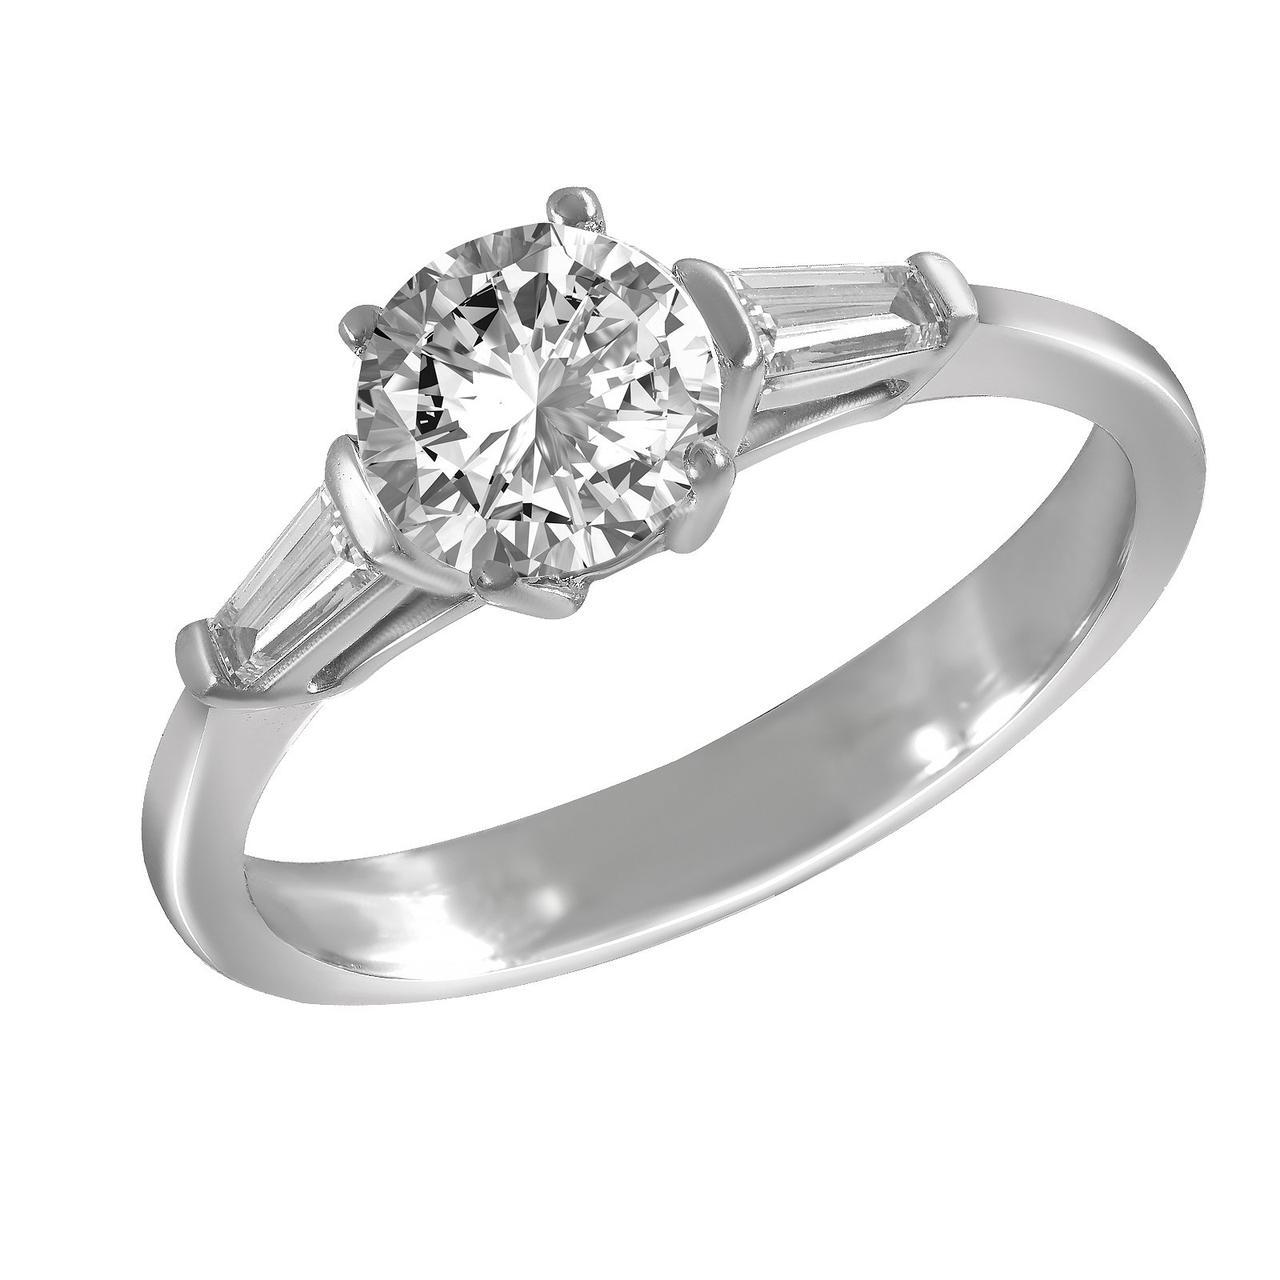 Золотое кольцо с бриллиантами, размер 16 (1678421)